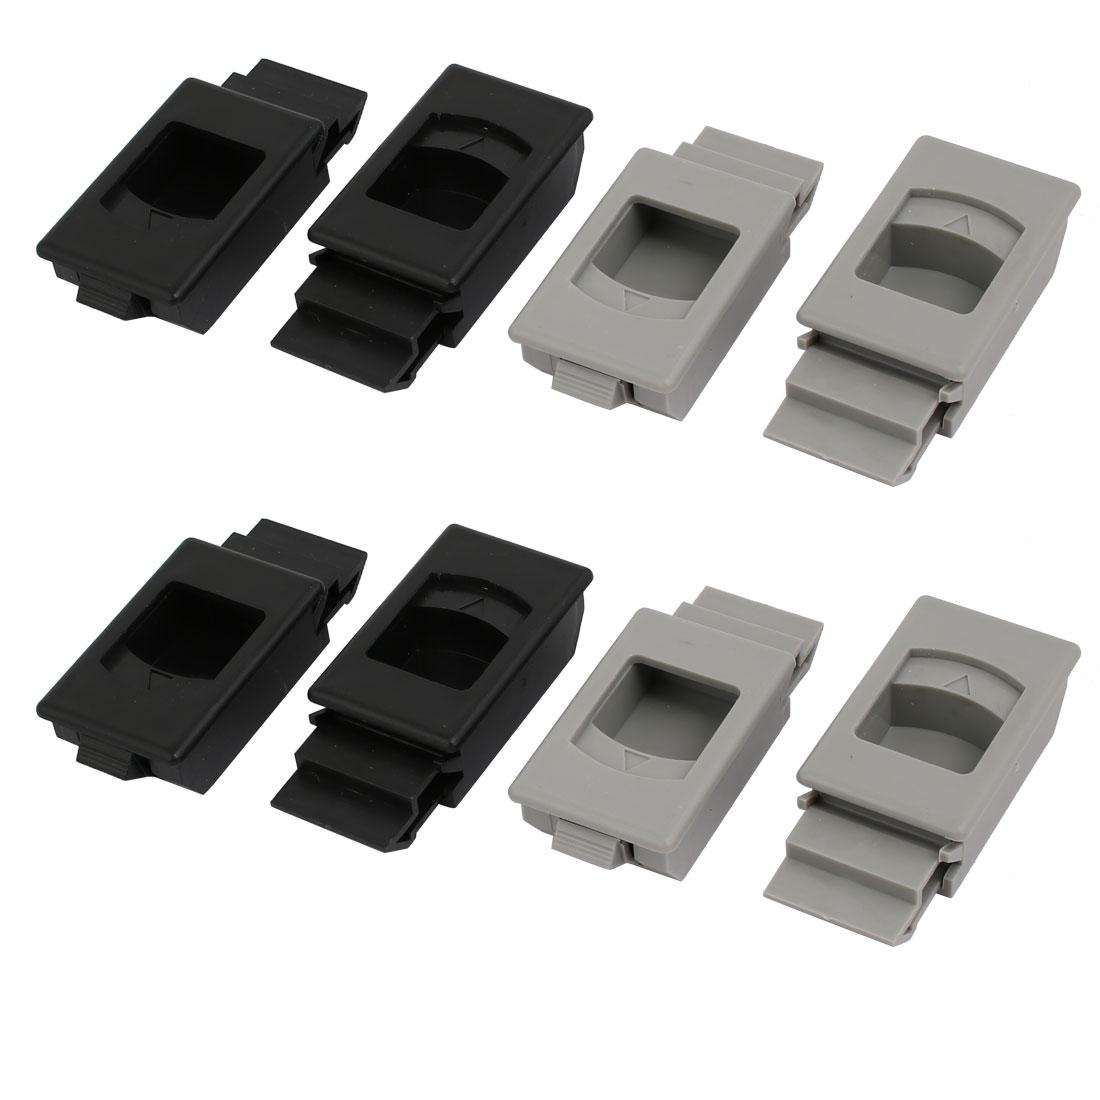 Door Shelf Inside Pull Rectangular Plastic Slide Latch Fittings Gray Black 8pcs